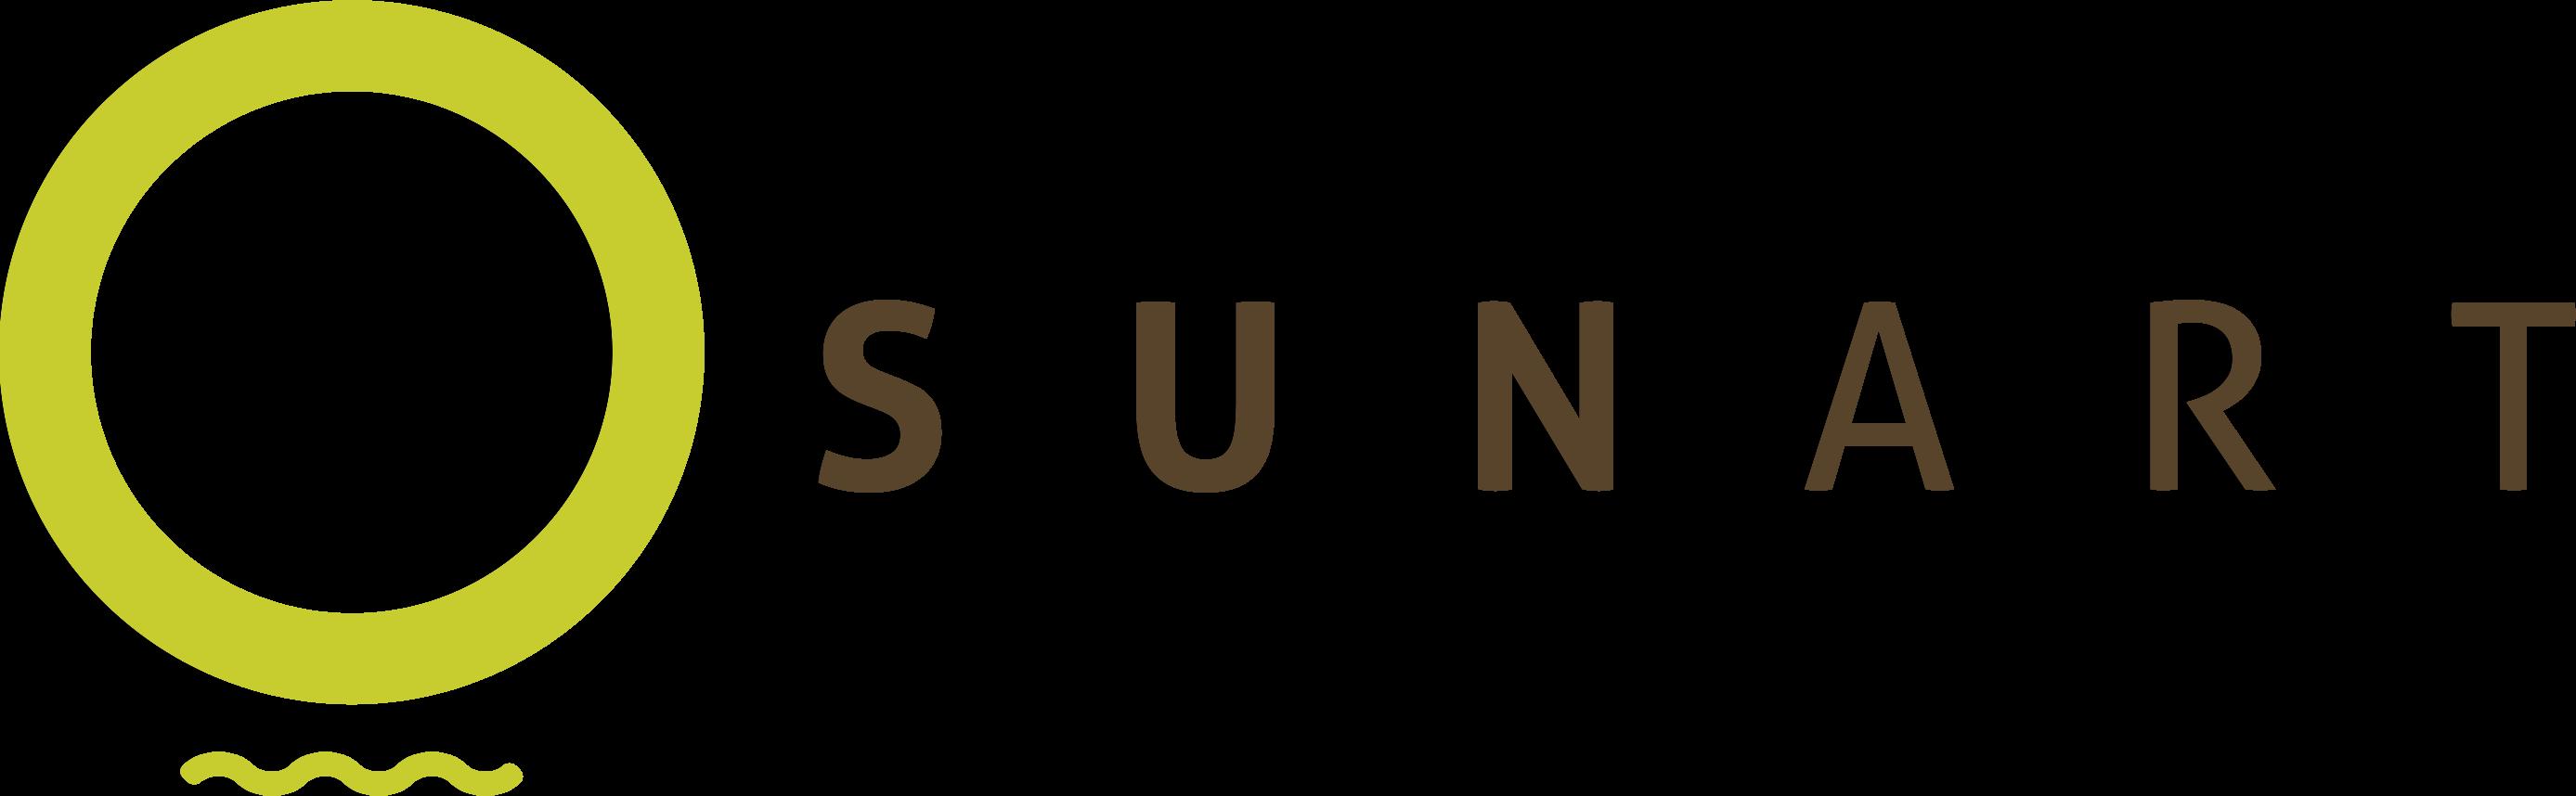 SUNART